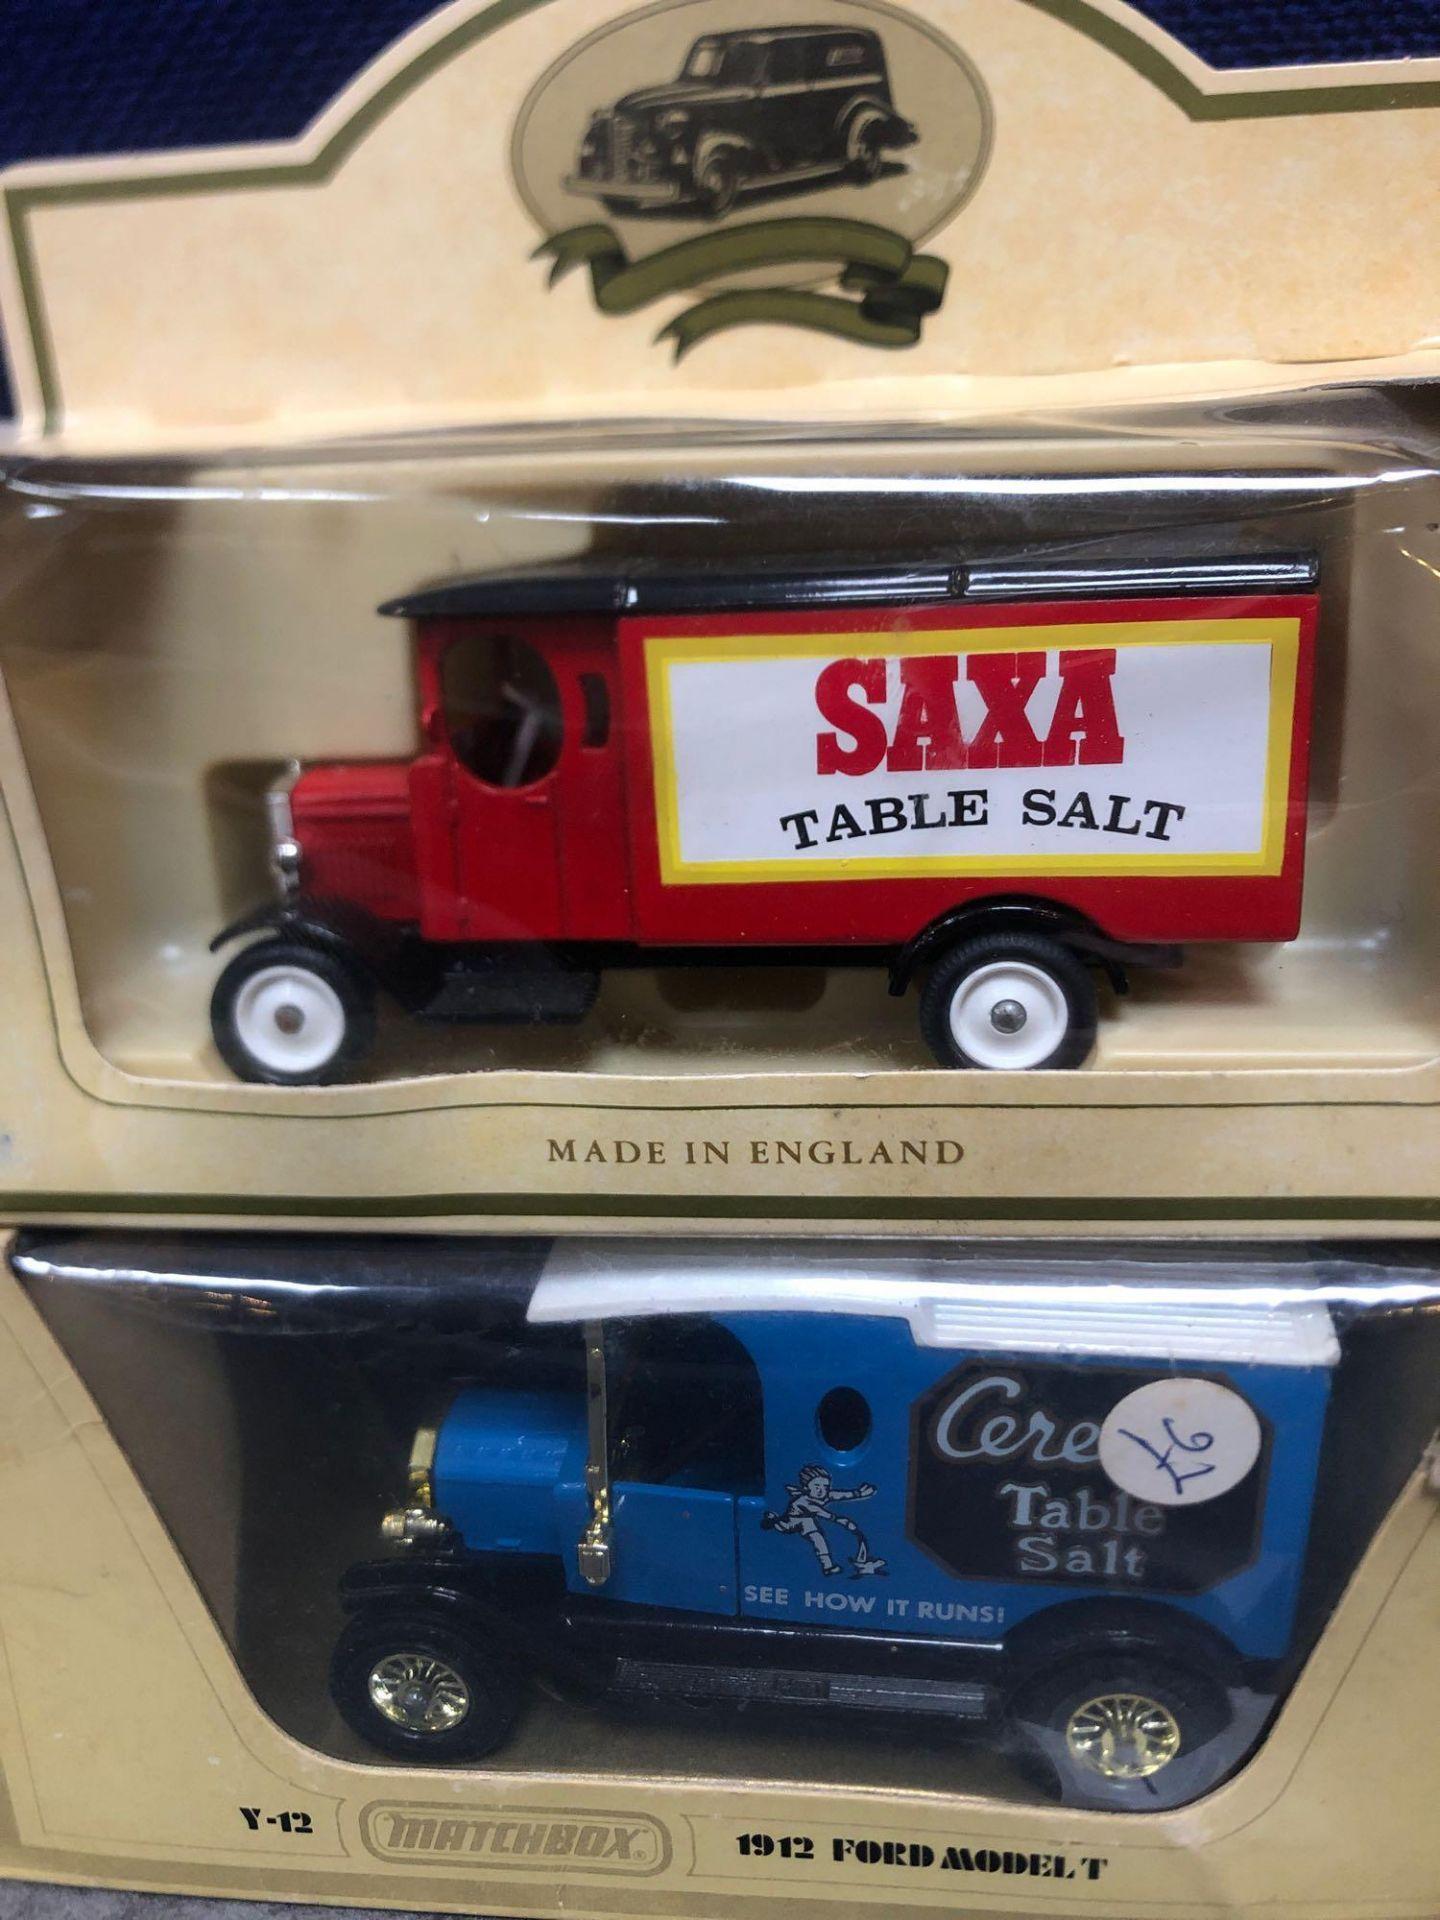 4x Diecast Vehicles Advertising Kleenex, Saxa Table Salt, Tate And Lyle Sugar, Cerelos Table Salt. - Image 3 of 3